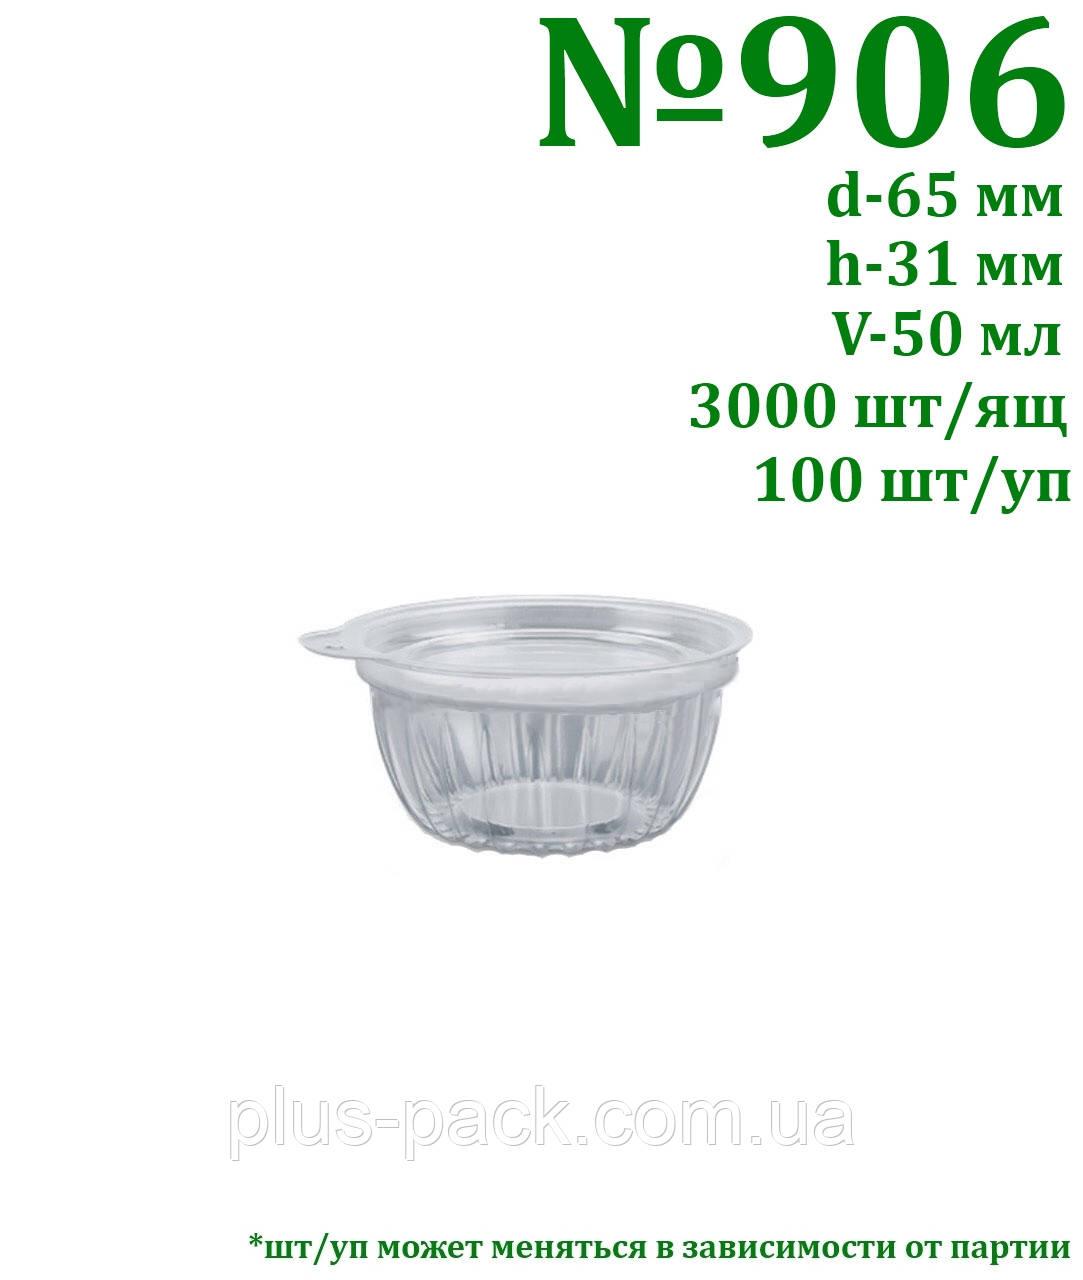 Цілий контейнер для соусу